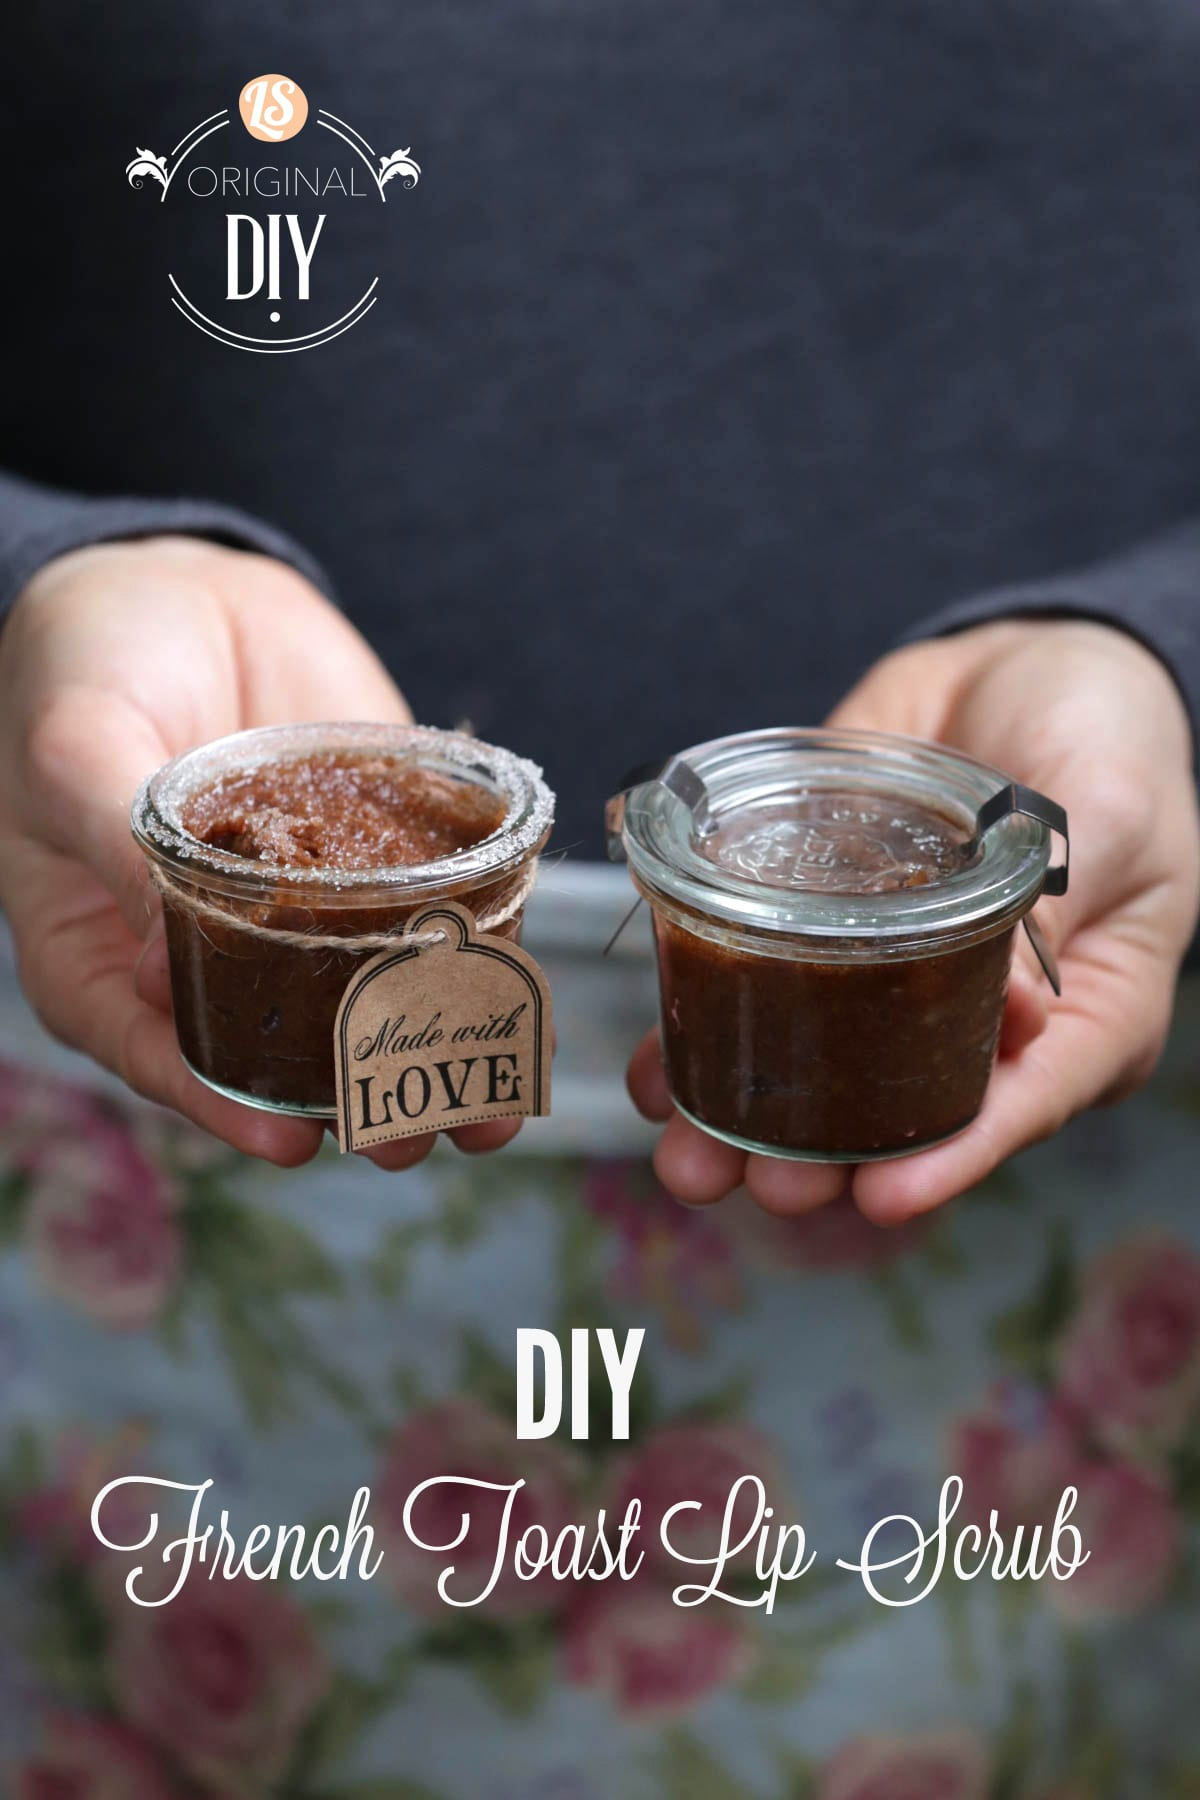 DIY French Toast Lip Scrub